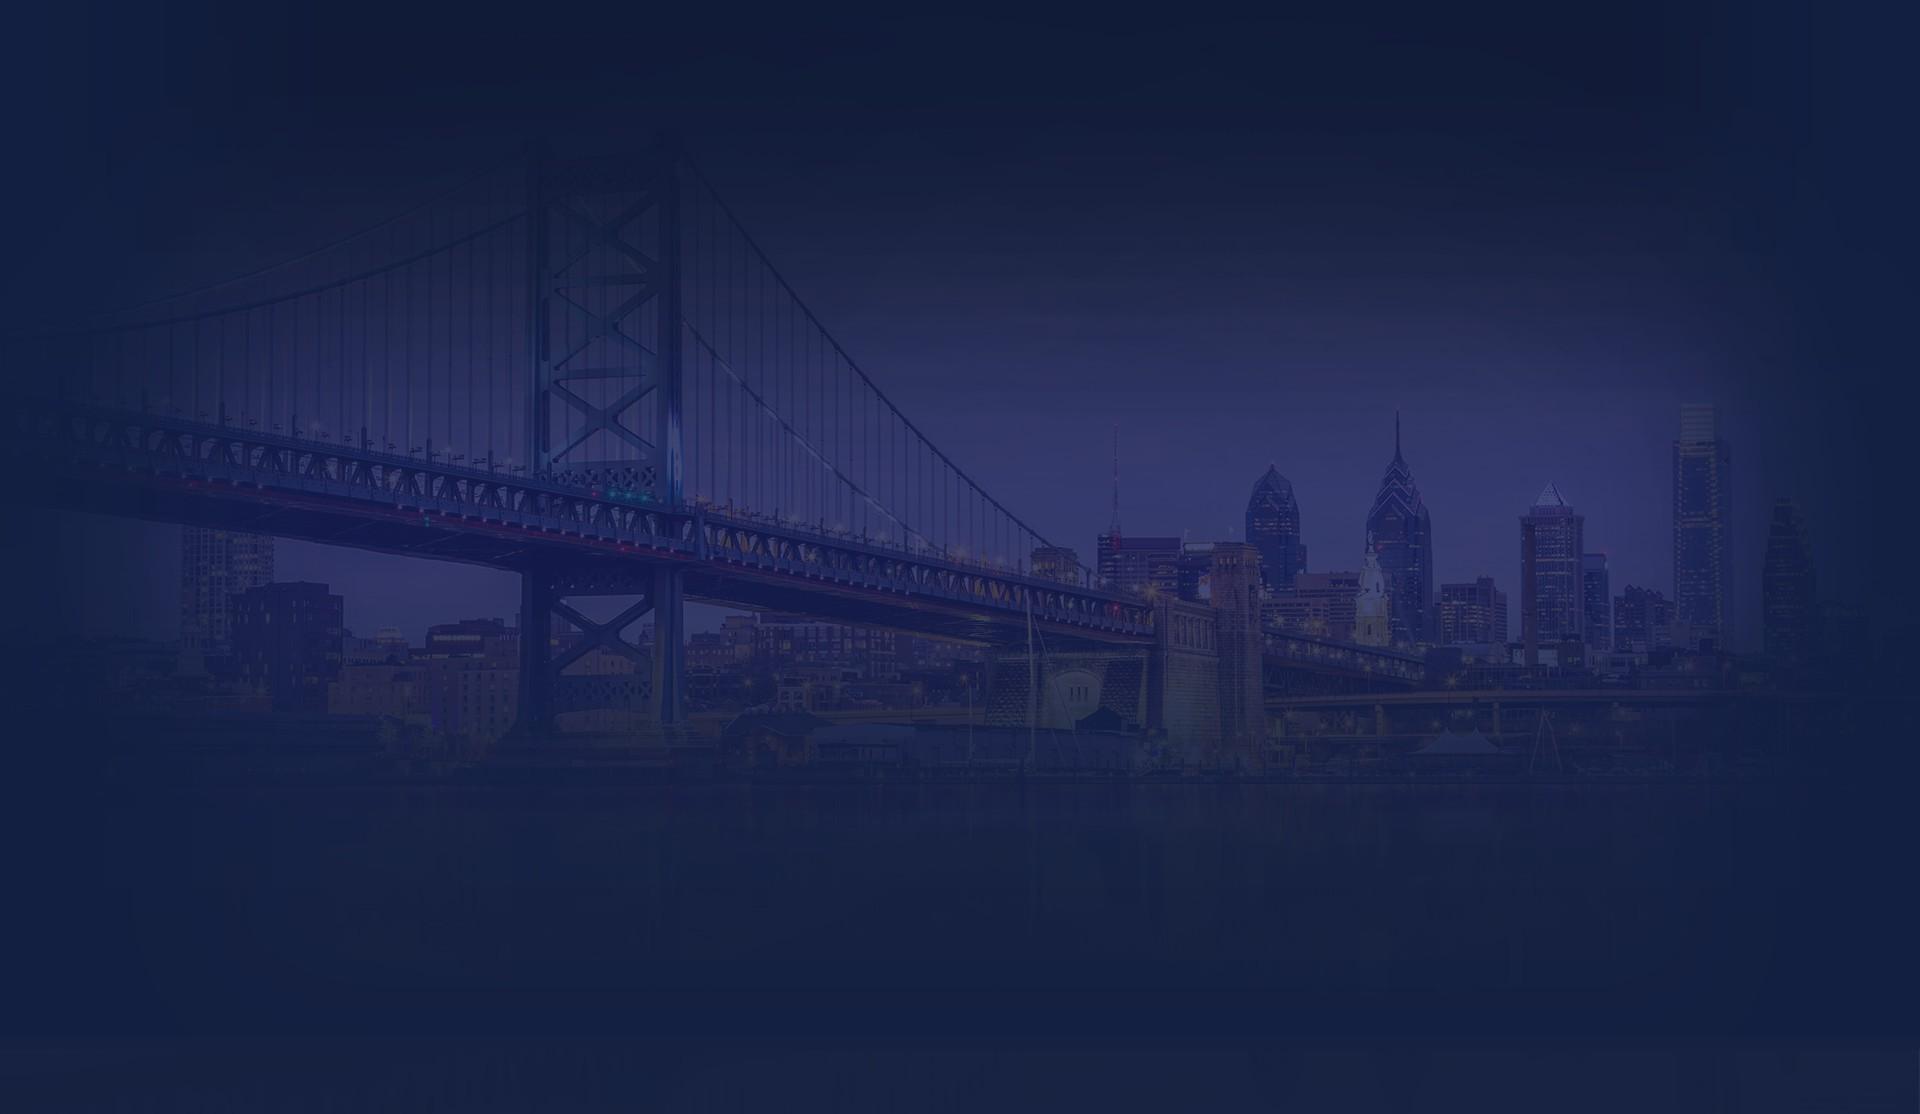 Camden NJ Digital Marketing - Best Digital Marketing